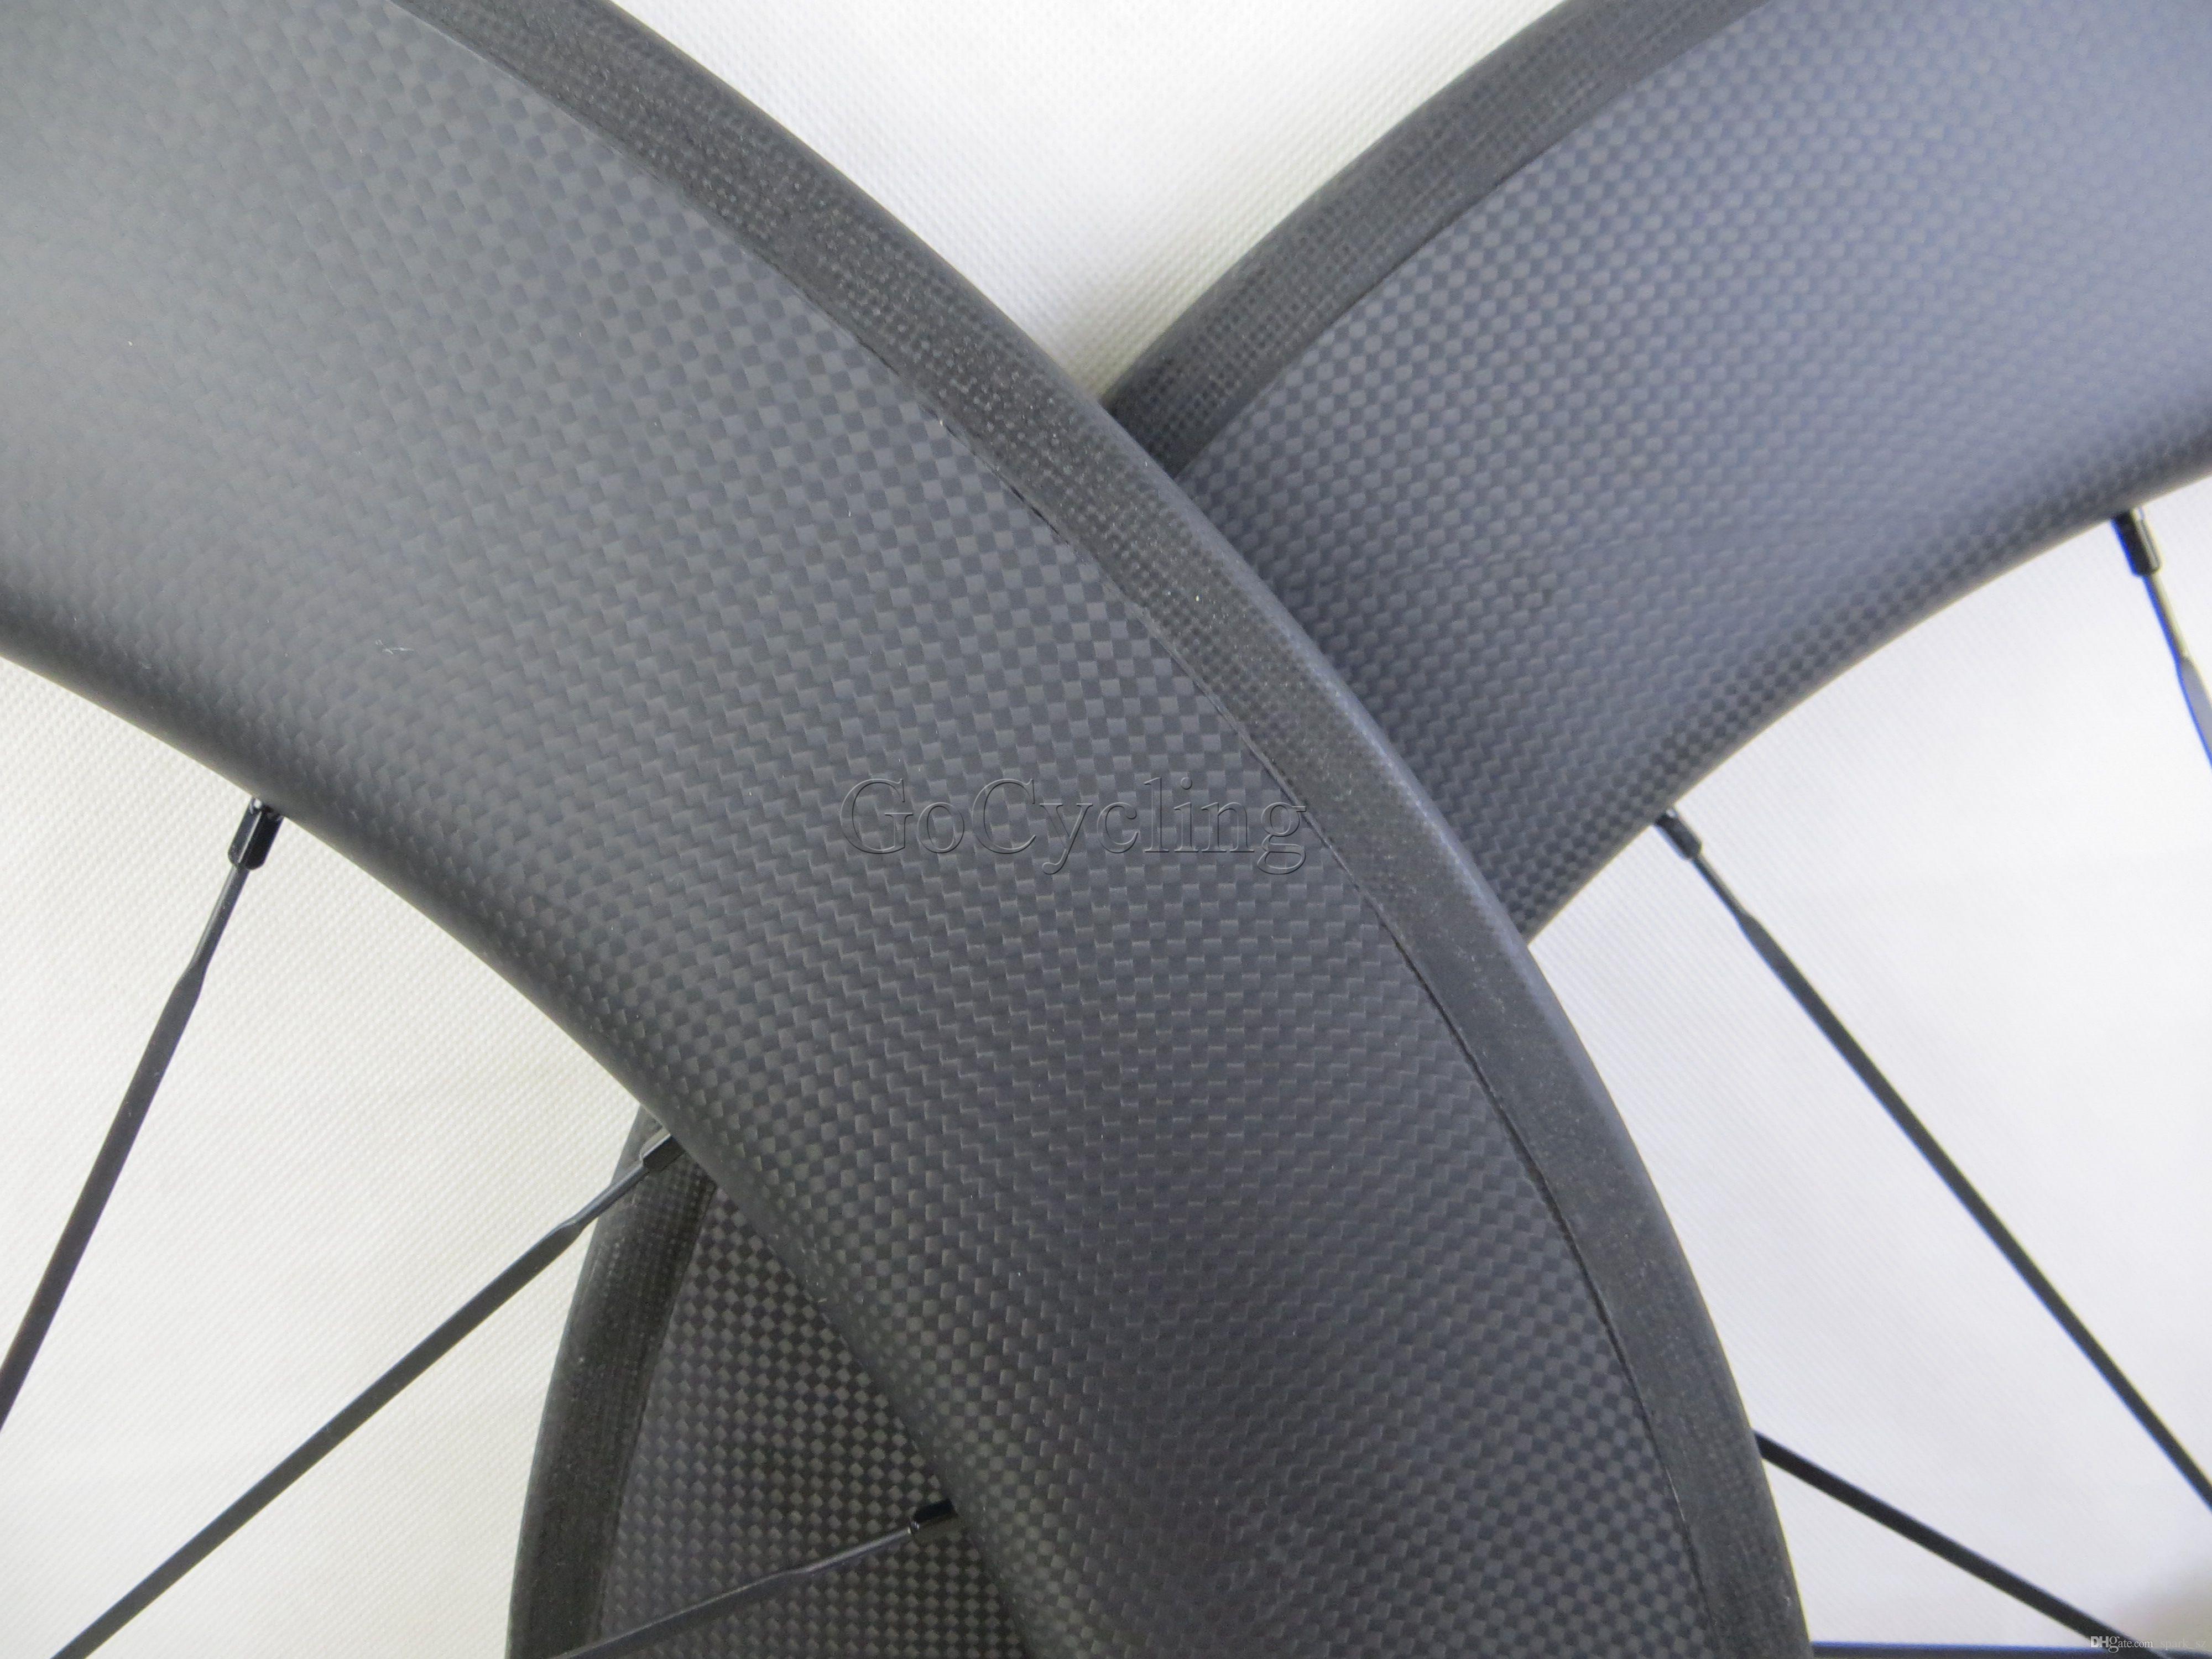 탄소 자전거 바퀴 Novatec 허브와 함께 90mm 3K 무광택 데칼 스티커 현무암 브레이크 표면 clincher 관형 도로 사이클링 자전거 바퀴 세트